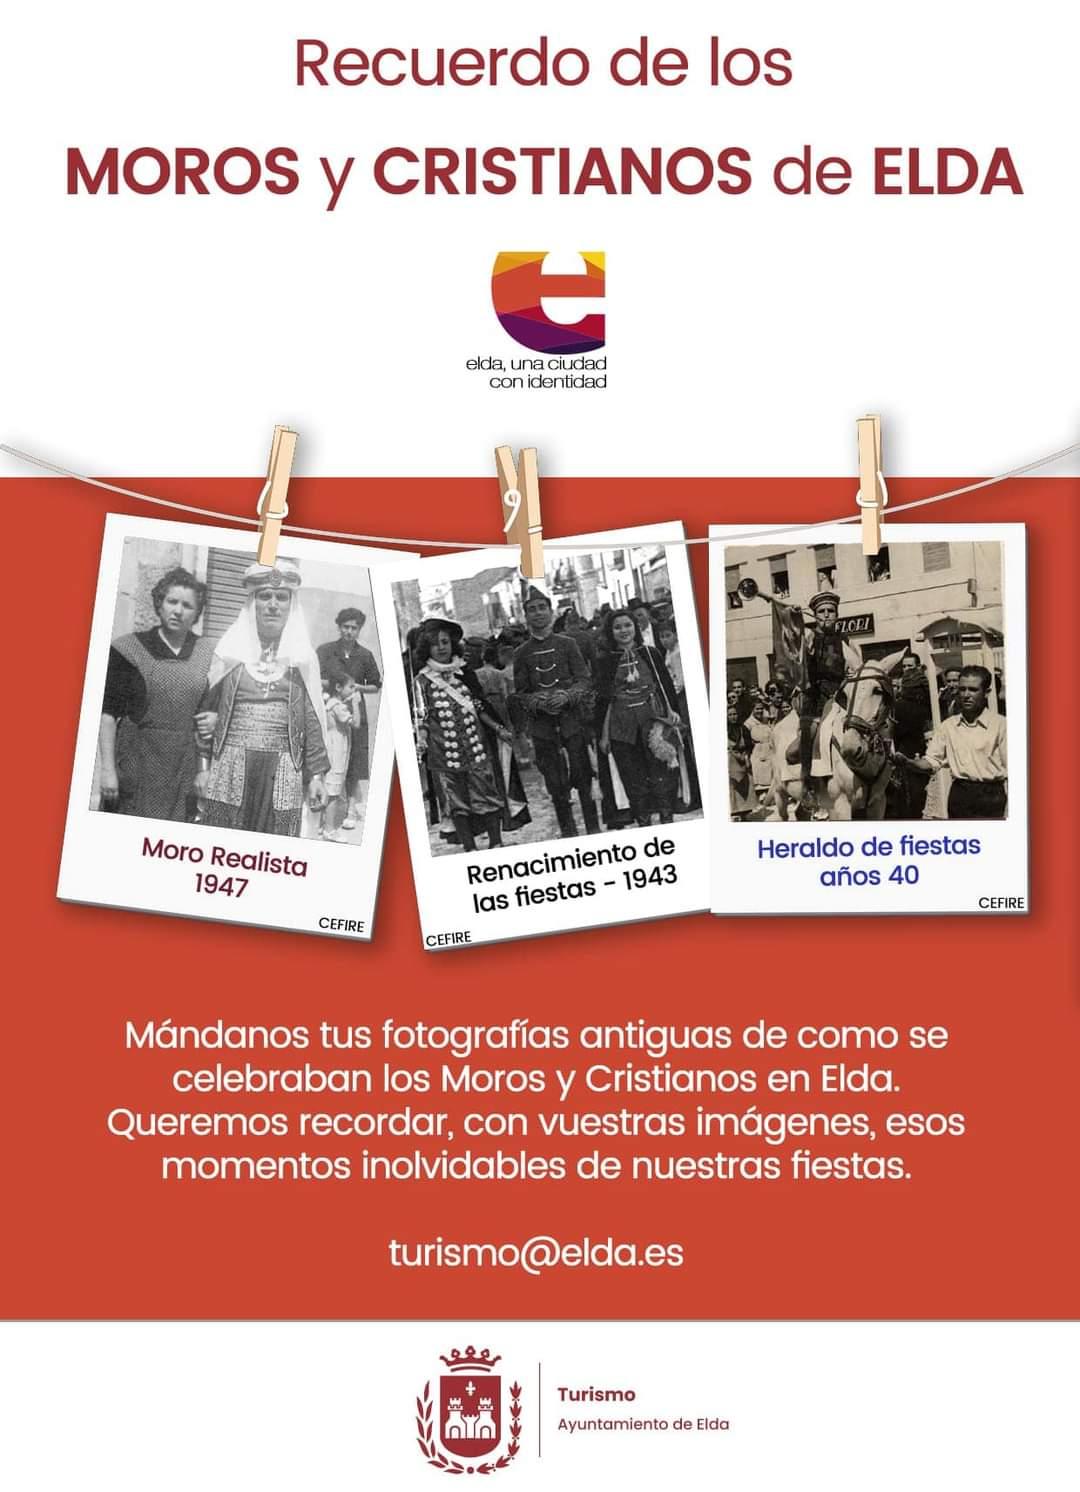 El Ayuntamiento de Elda pone en marcha una campaña para recordar las fiestas de Moros y Cristianos a través de fotografías antiguas